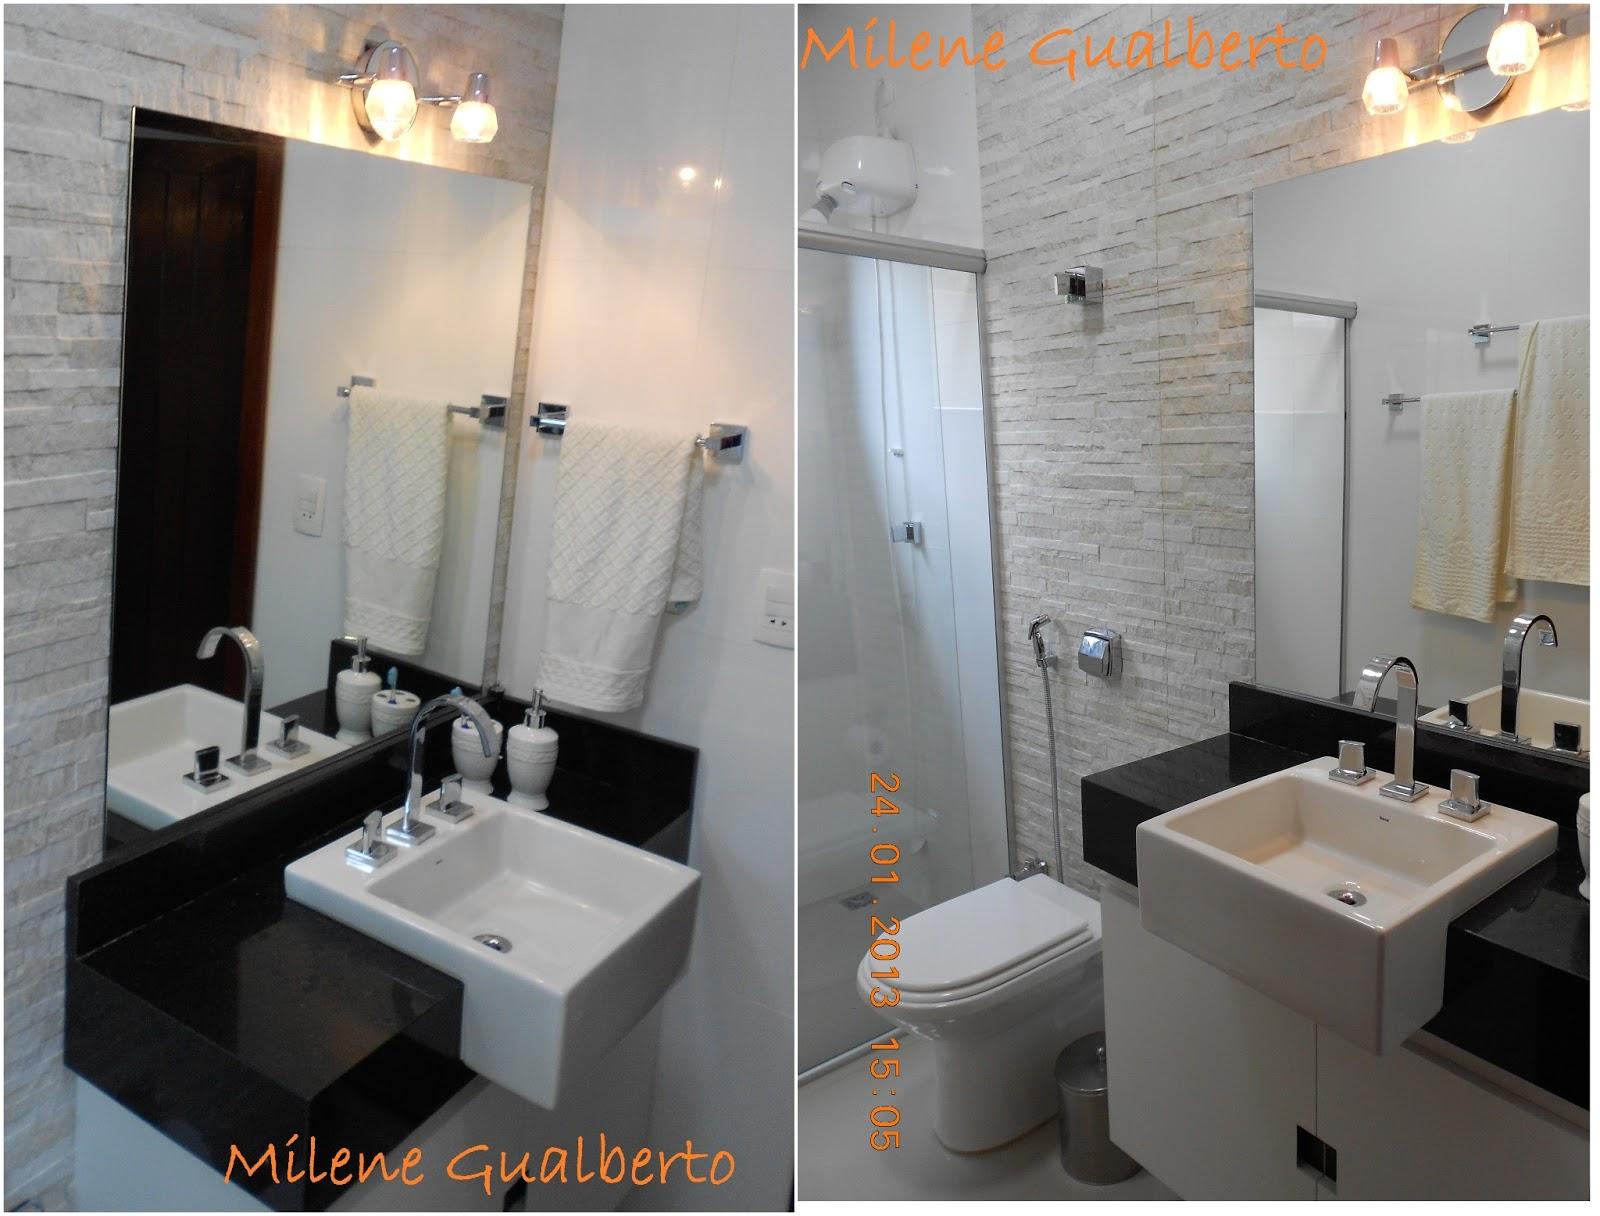 Milene Gualberto: Fevereiro 2013 #A15C2A 1600x1216 Banheiro Bancada Porcelanato